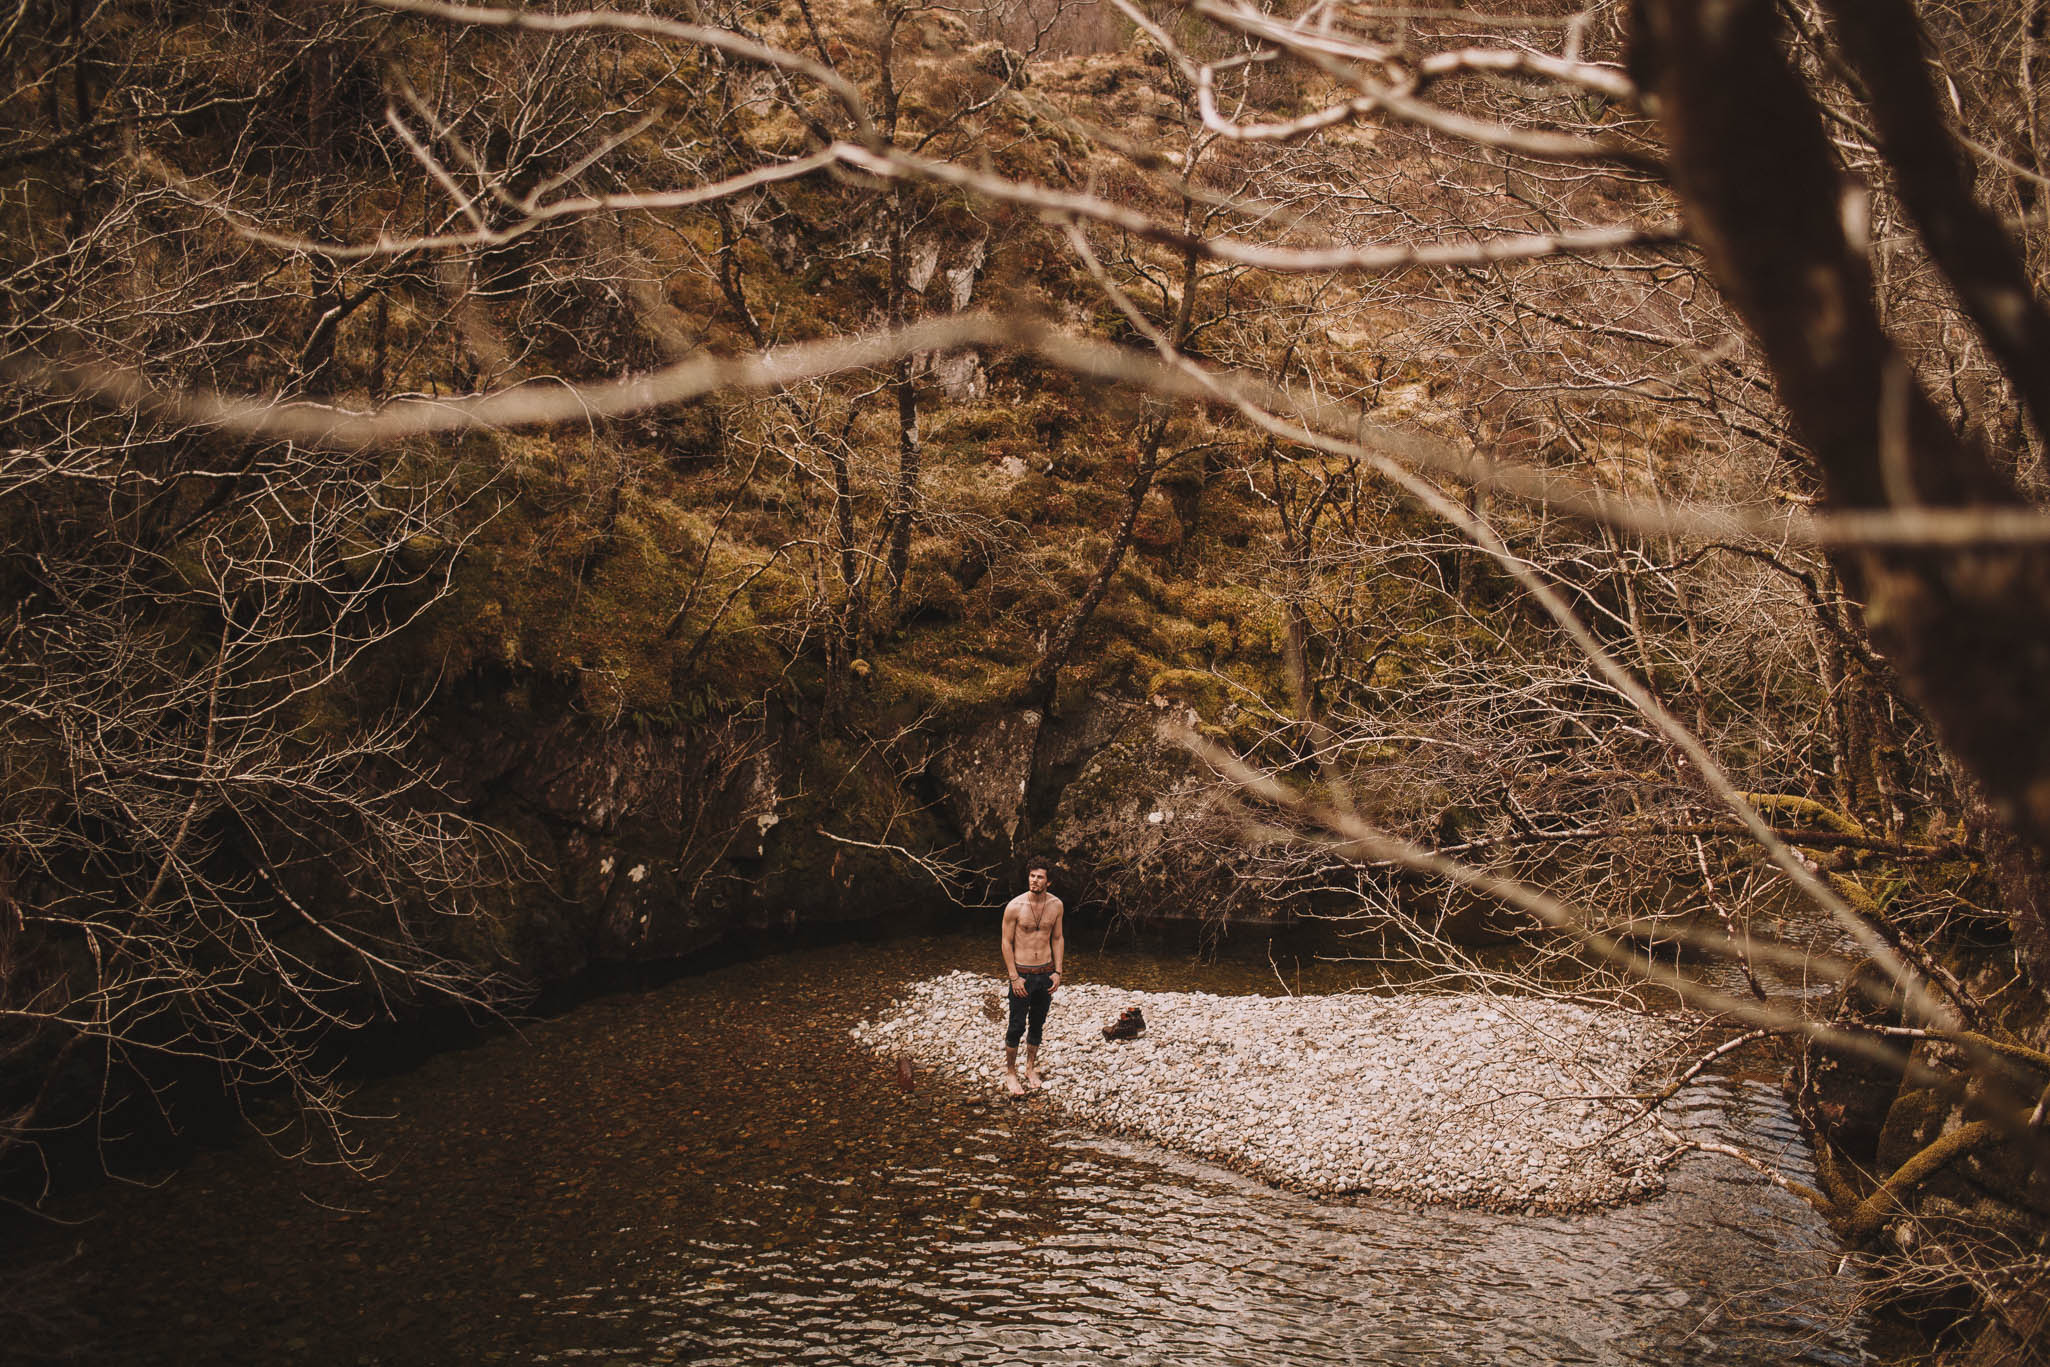 Scotland-wedding-photographer-jeremy-boyer-photographe-mariage-ecosse-voyage-road-trip-travel-39.jpg